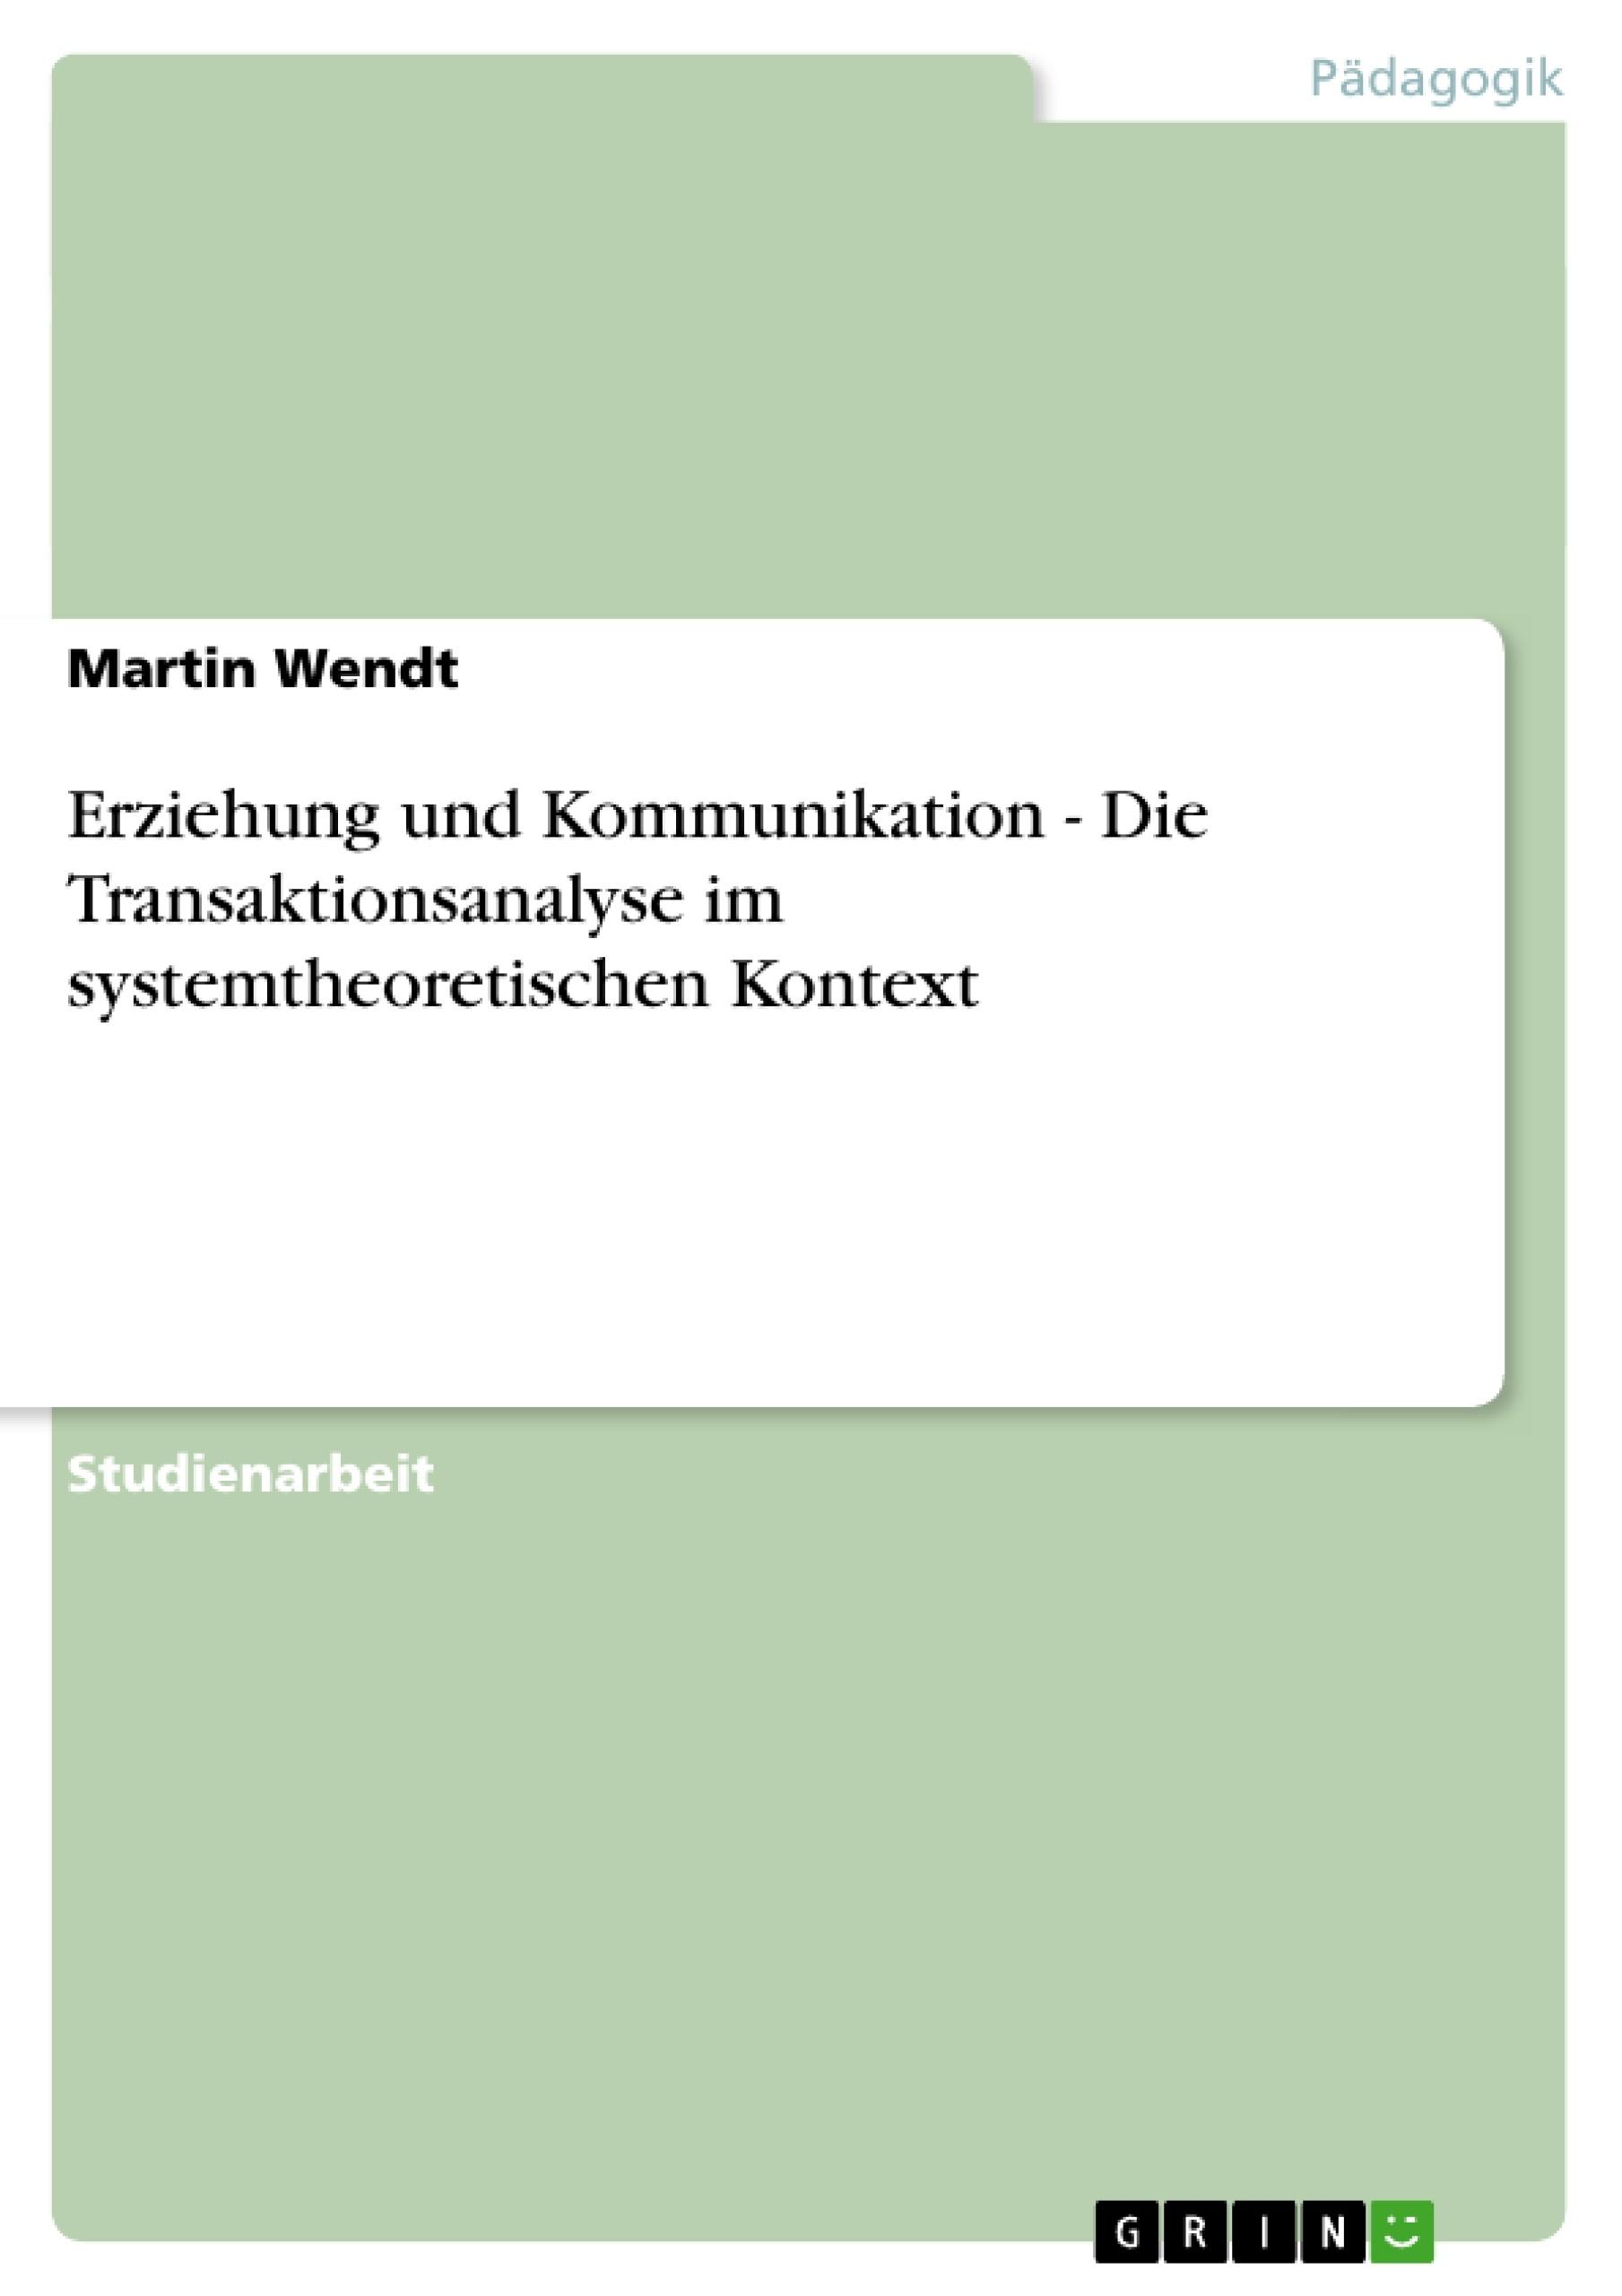 Titel: Erziehung und Kommunikation - Die Transaktionsanalyse im systemtheoretischen Kontext